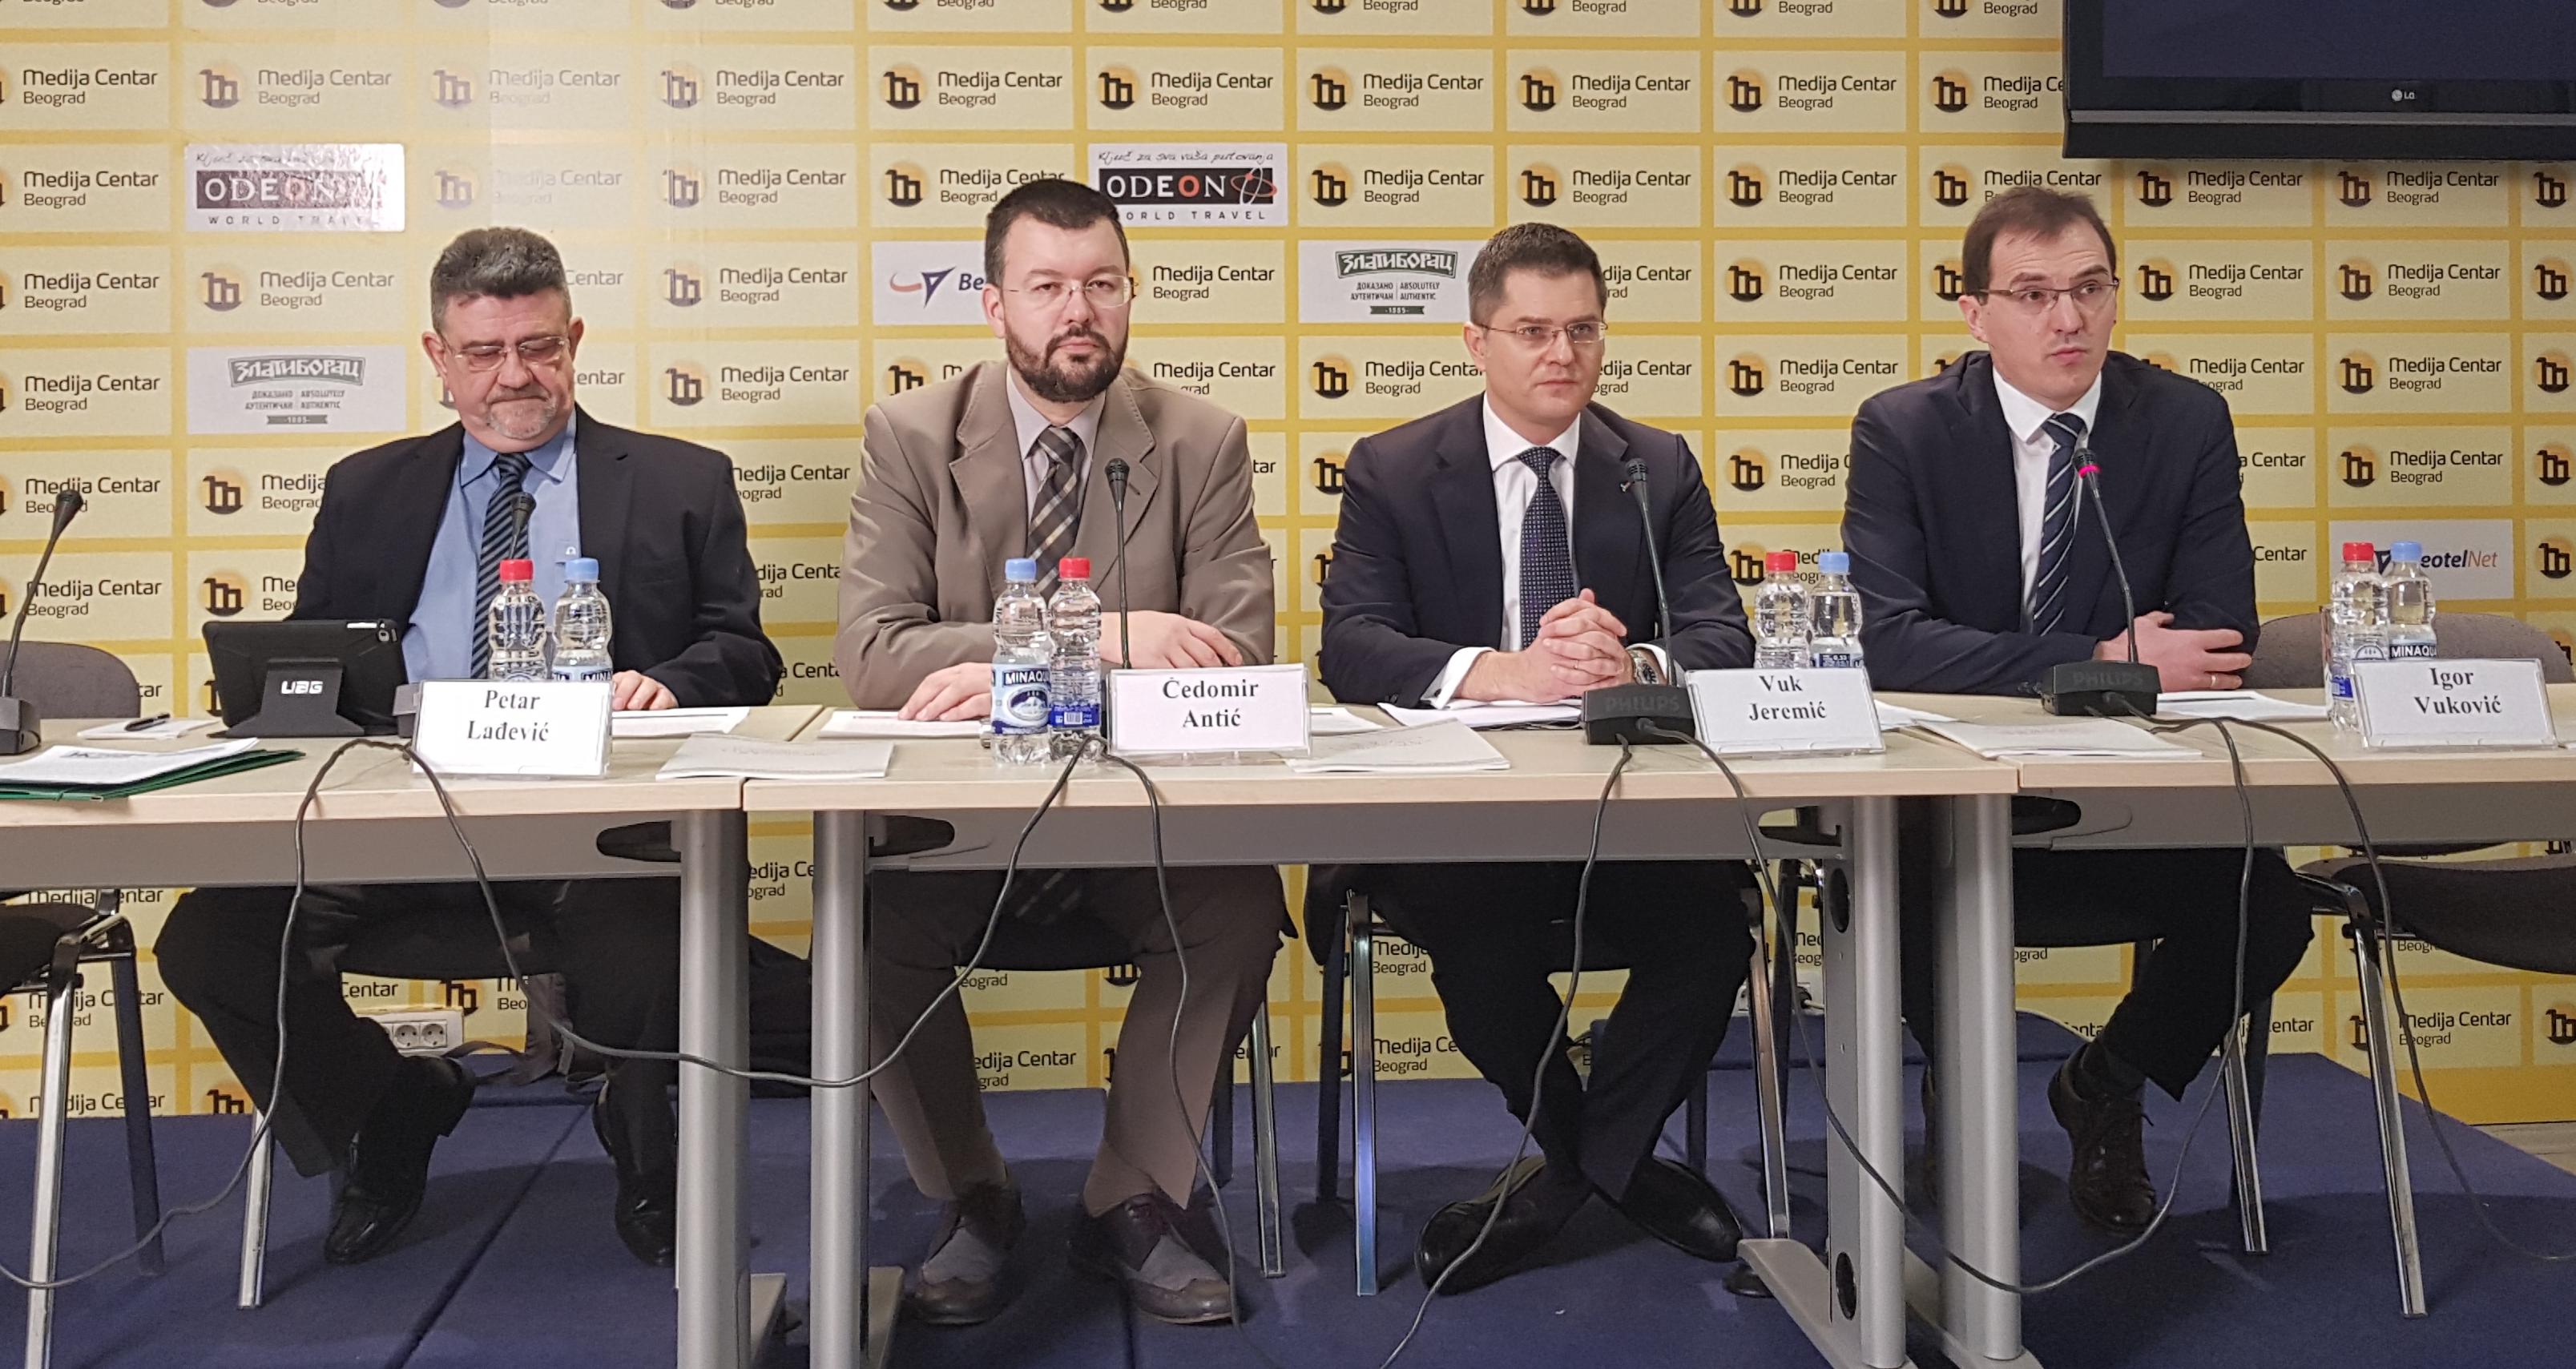 Јеремић и Антић: Галопирајуће пропадање демократије у Србији